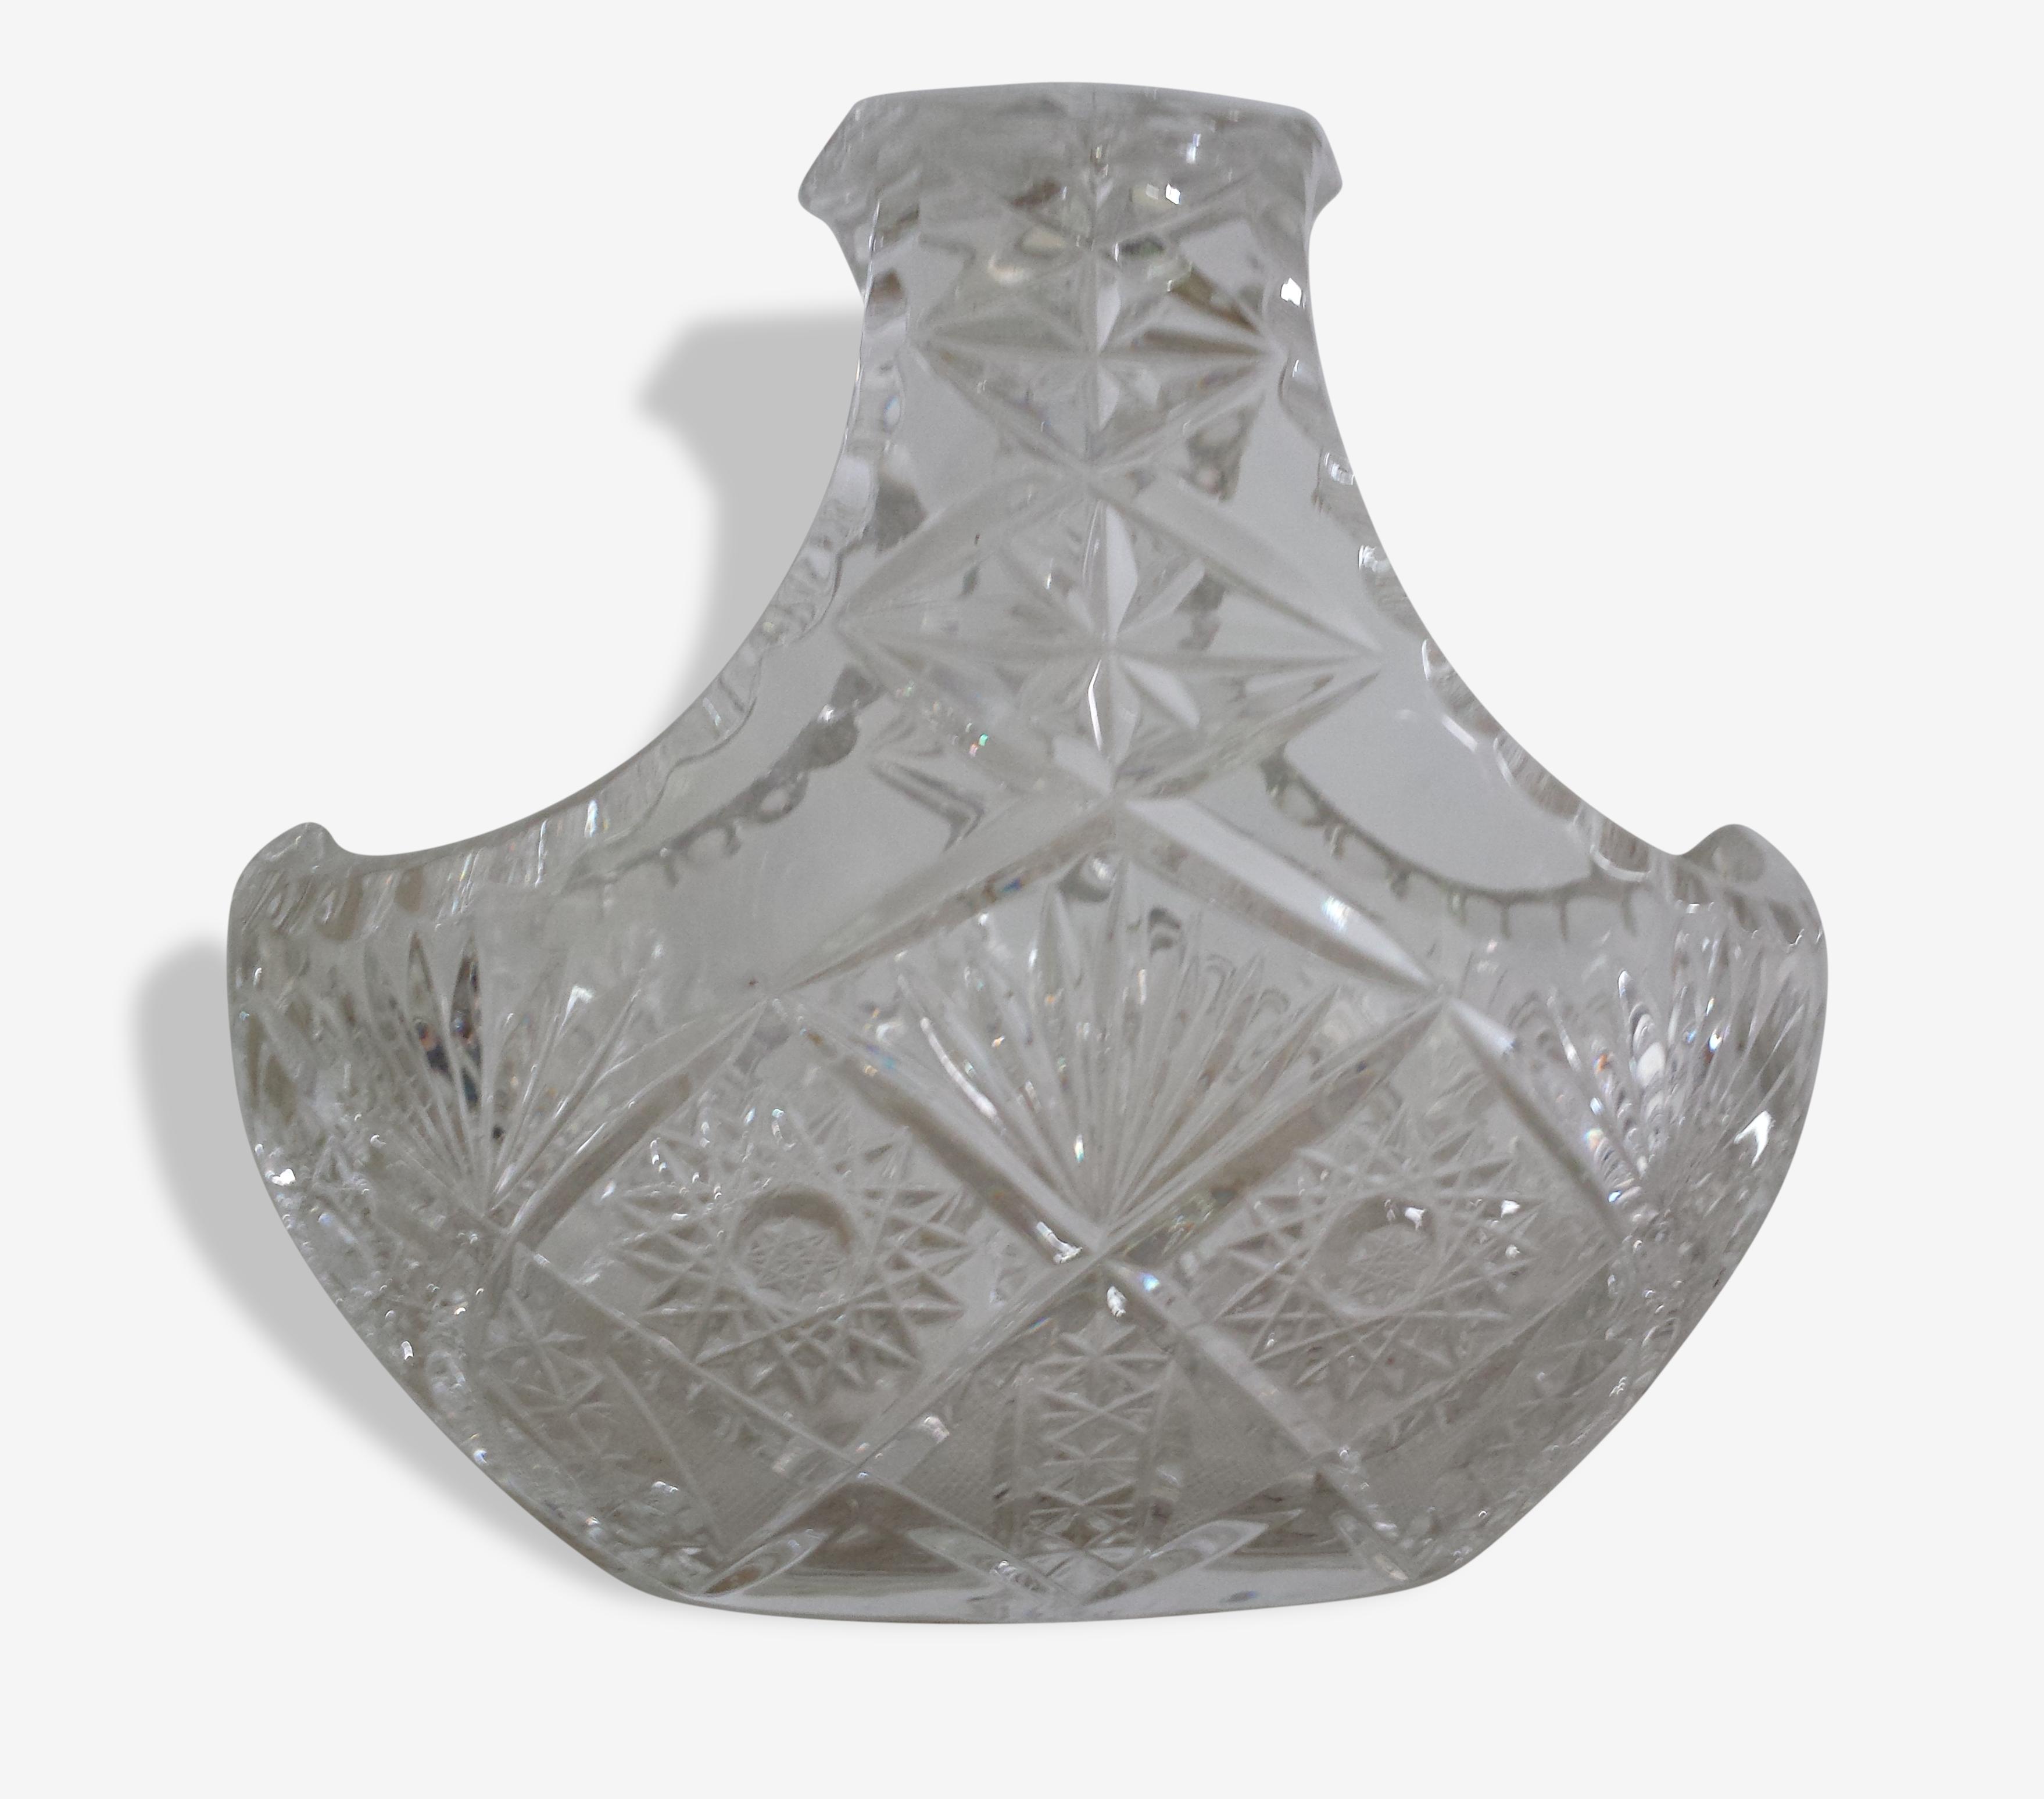 Bonbonnière ovale en cristal